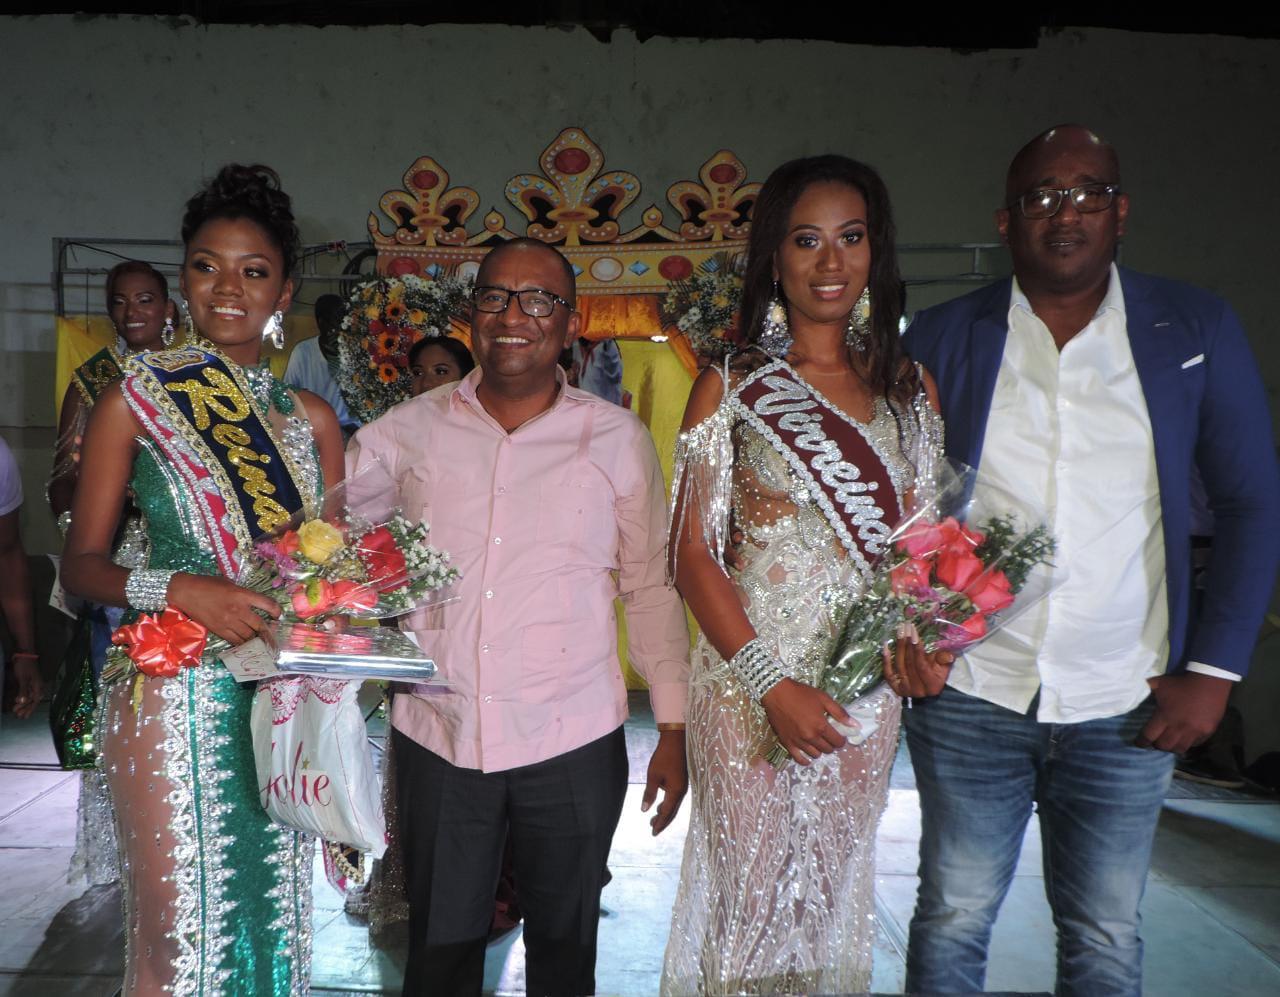 Lady Quiñónez, Reina de la parroquia Valdez 2021; David Rosero Castillo, alcalde del cantón Eloy Alfaro; Luisa García, y Adolfo Angulo, concejal.